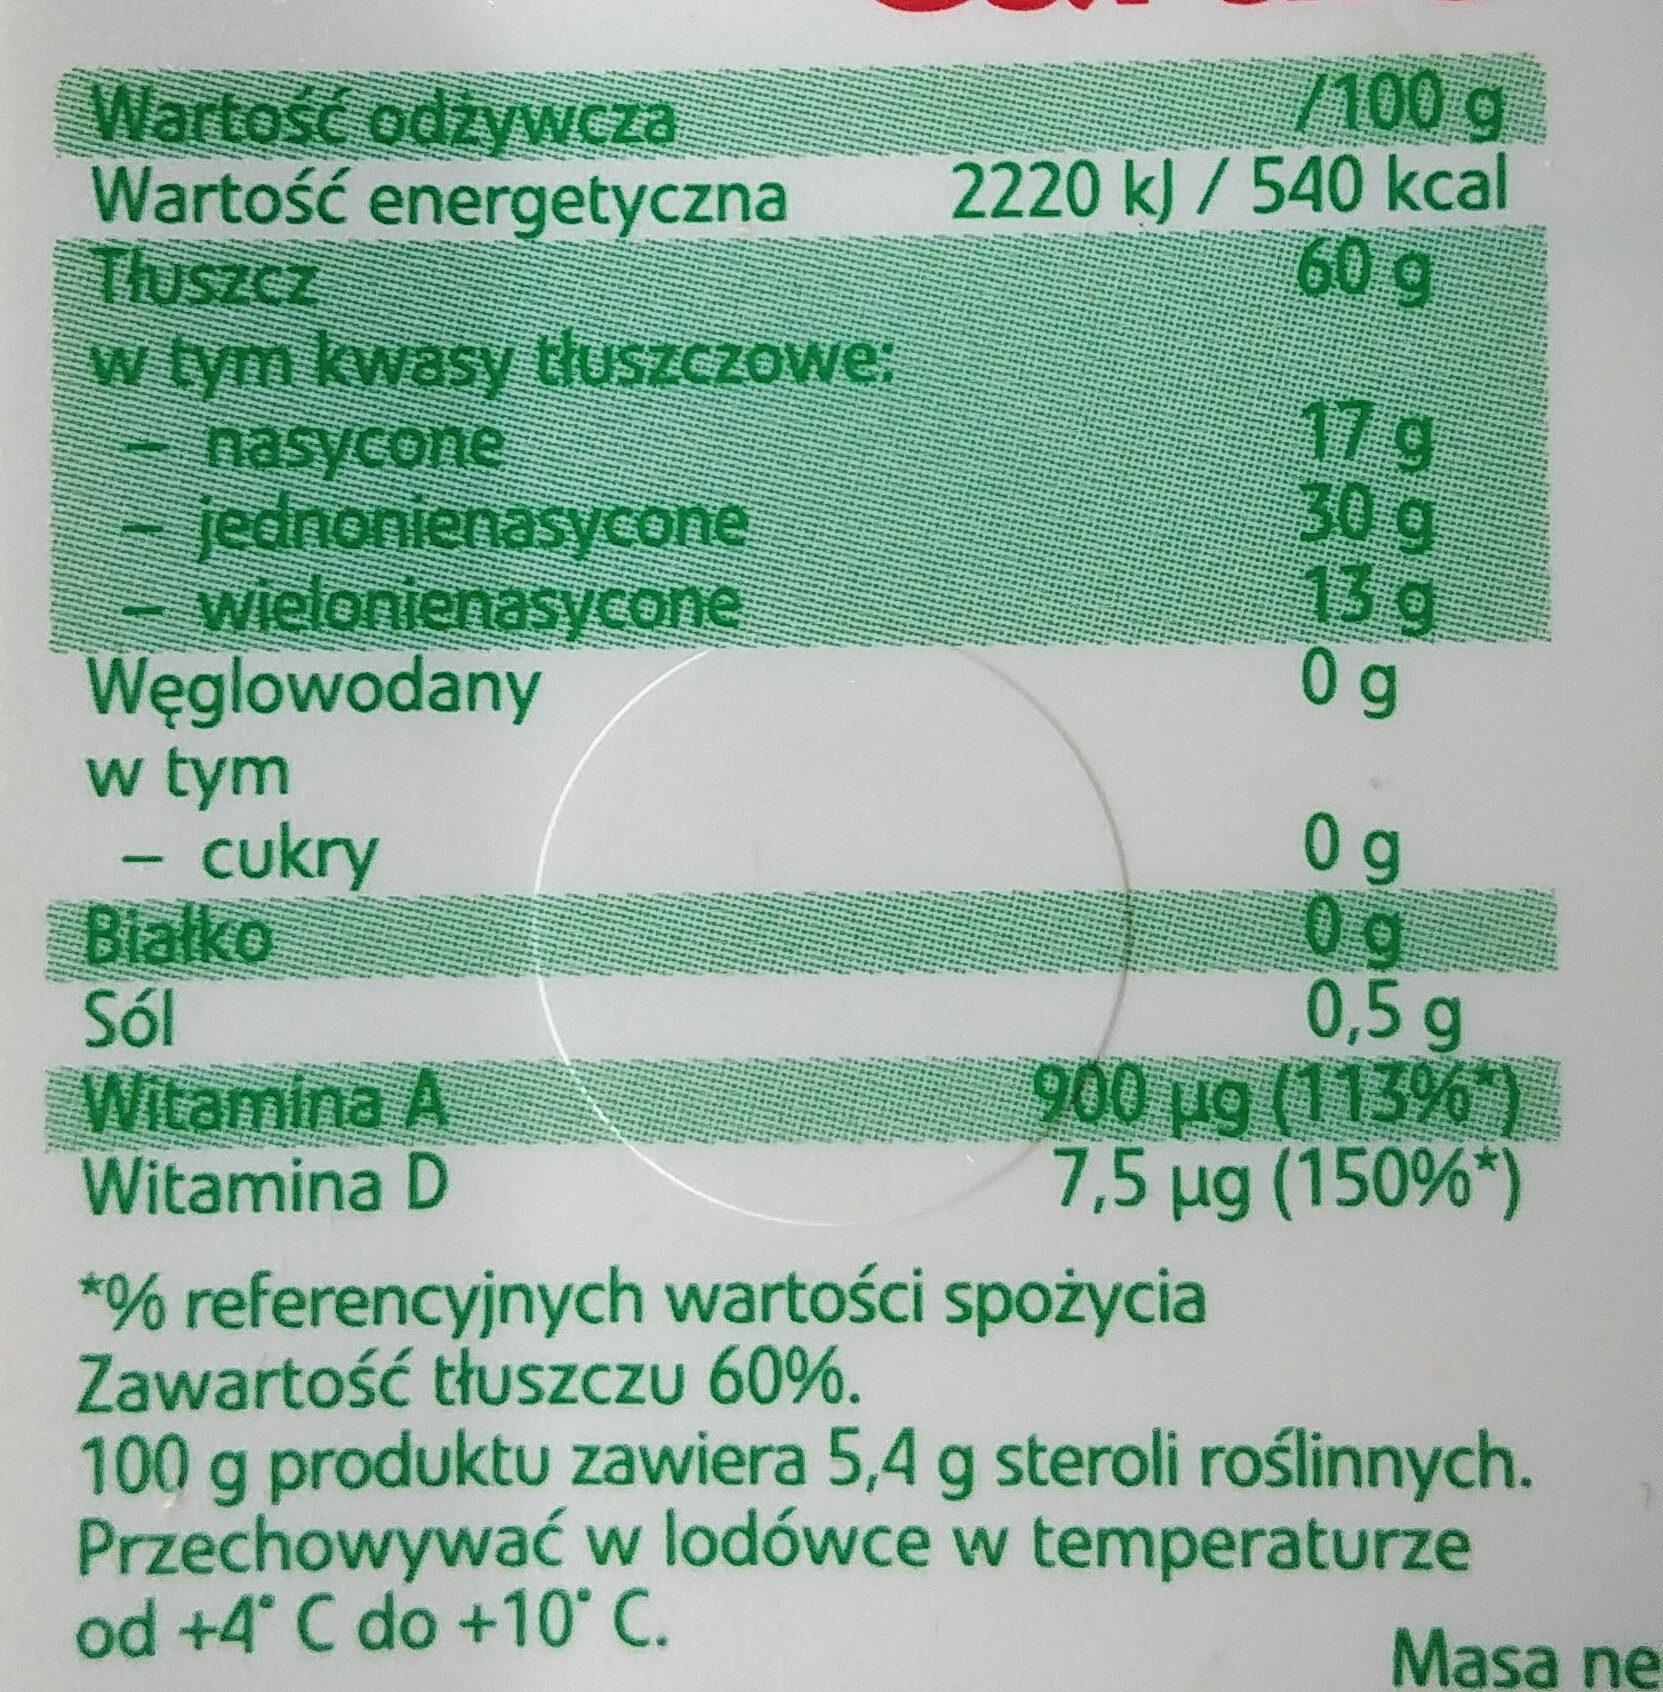 Optima Cardio - margaryna roślinna - Wartości odżywcze - pl